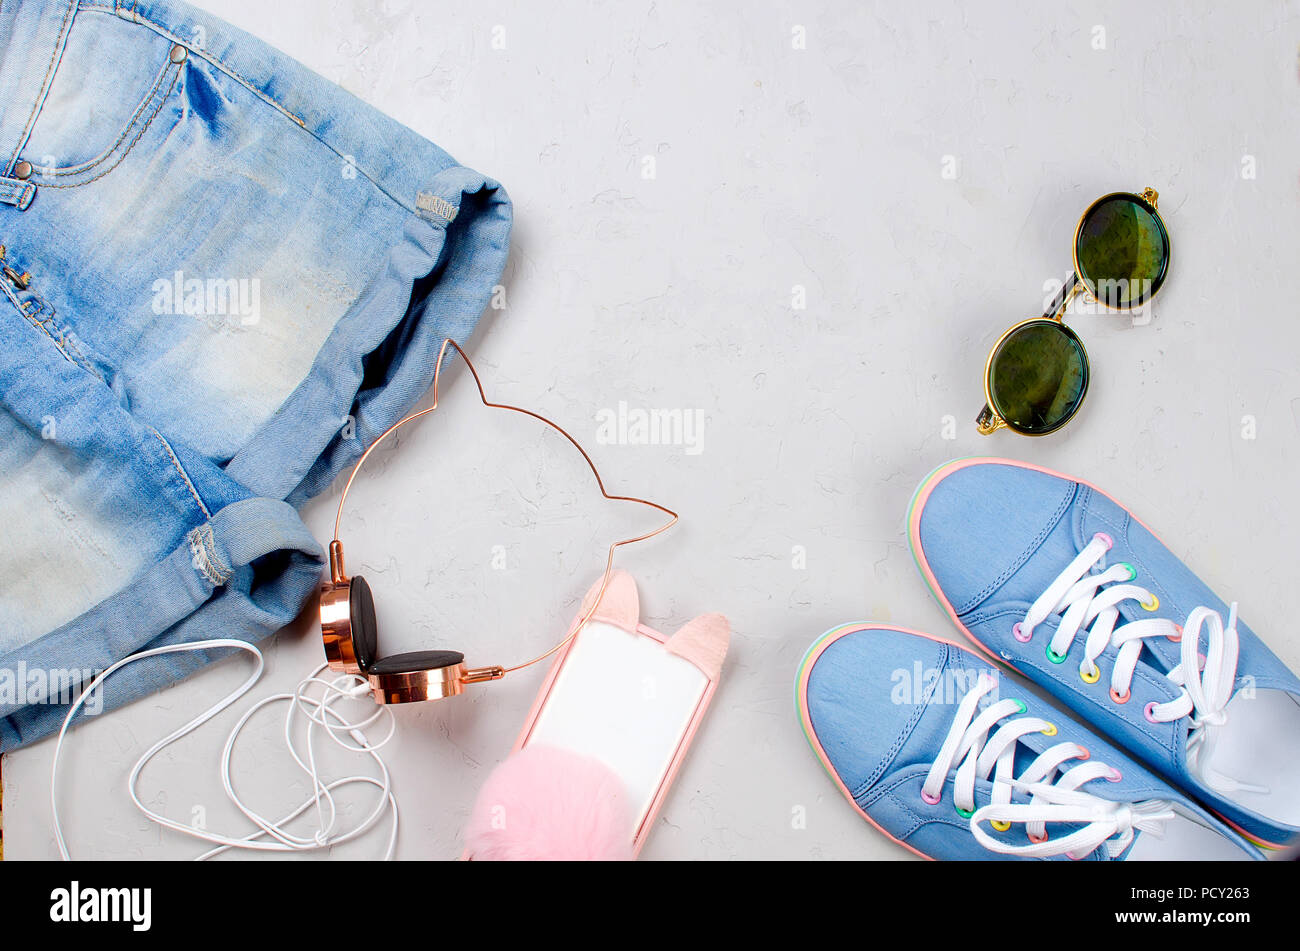 Sporting Blue Scarpe Da Ginnastica Pantaloncini Occhiali Da Sole